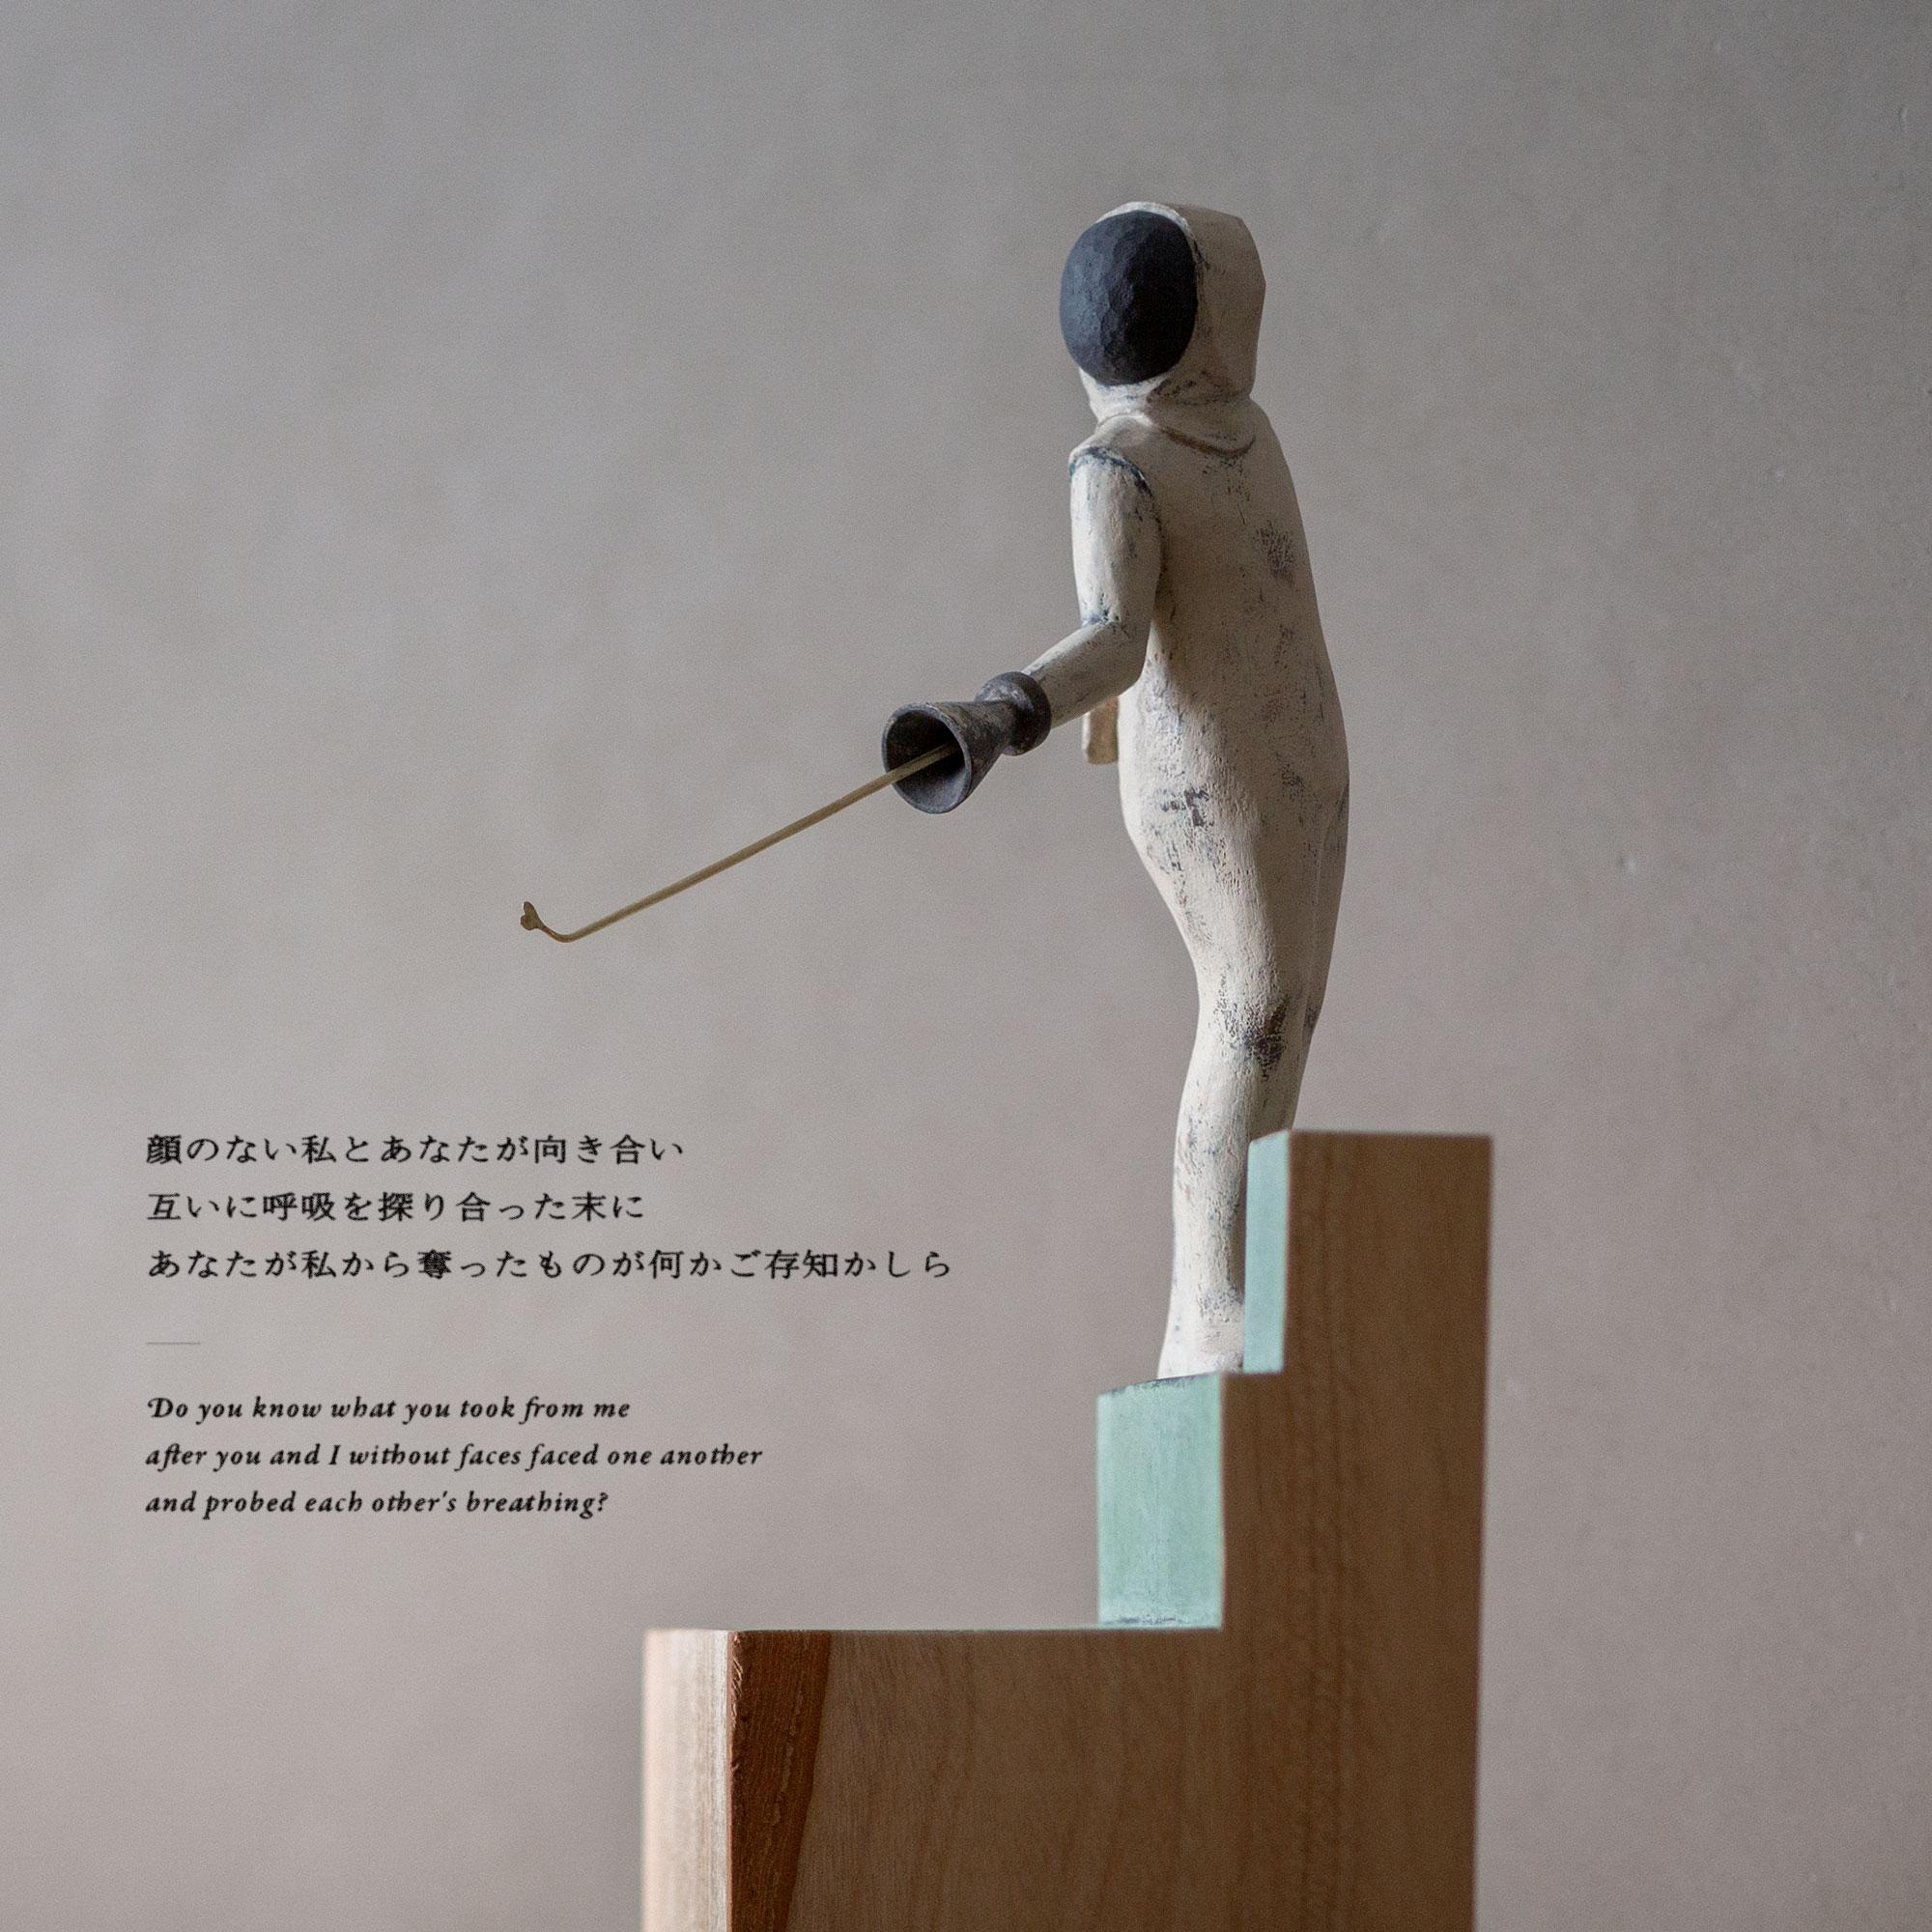 """Yuta NISHIURA """"Colours"""" #05 May 2020 「顔のない私とあなたが向き合い 互いに呼吸を探り合った末に あなたが私から奪ったものが何かご存知かしら」"""